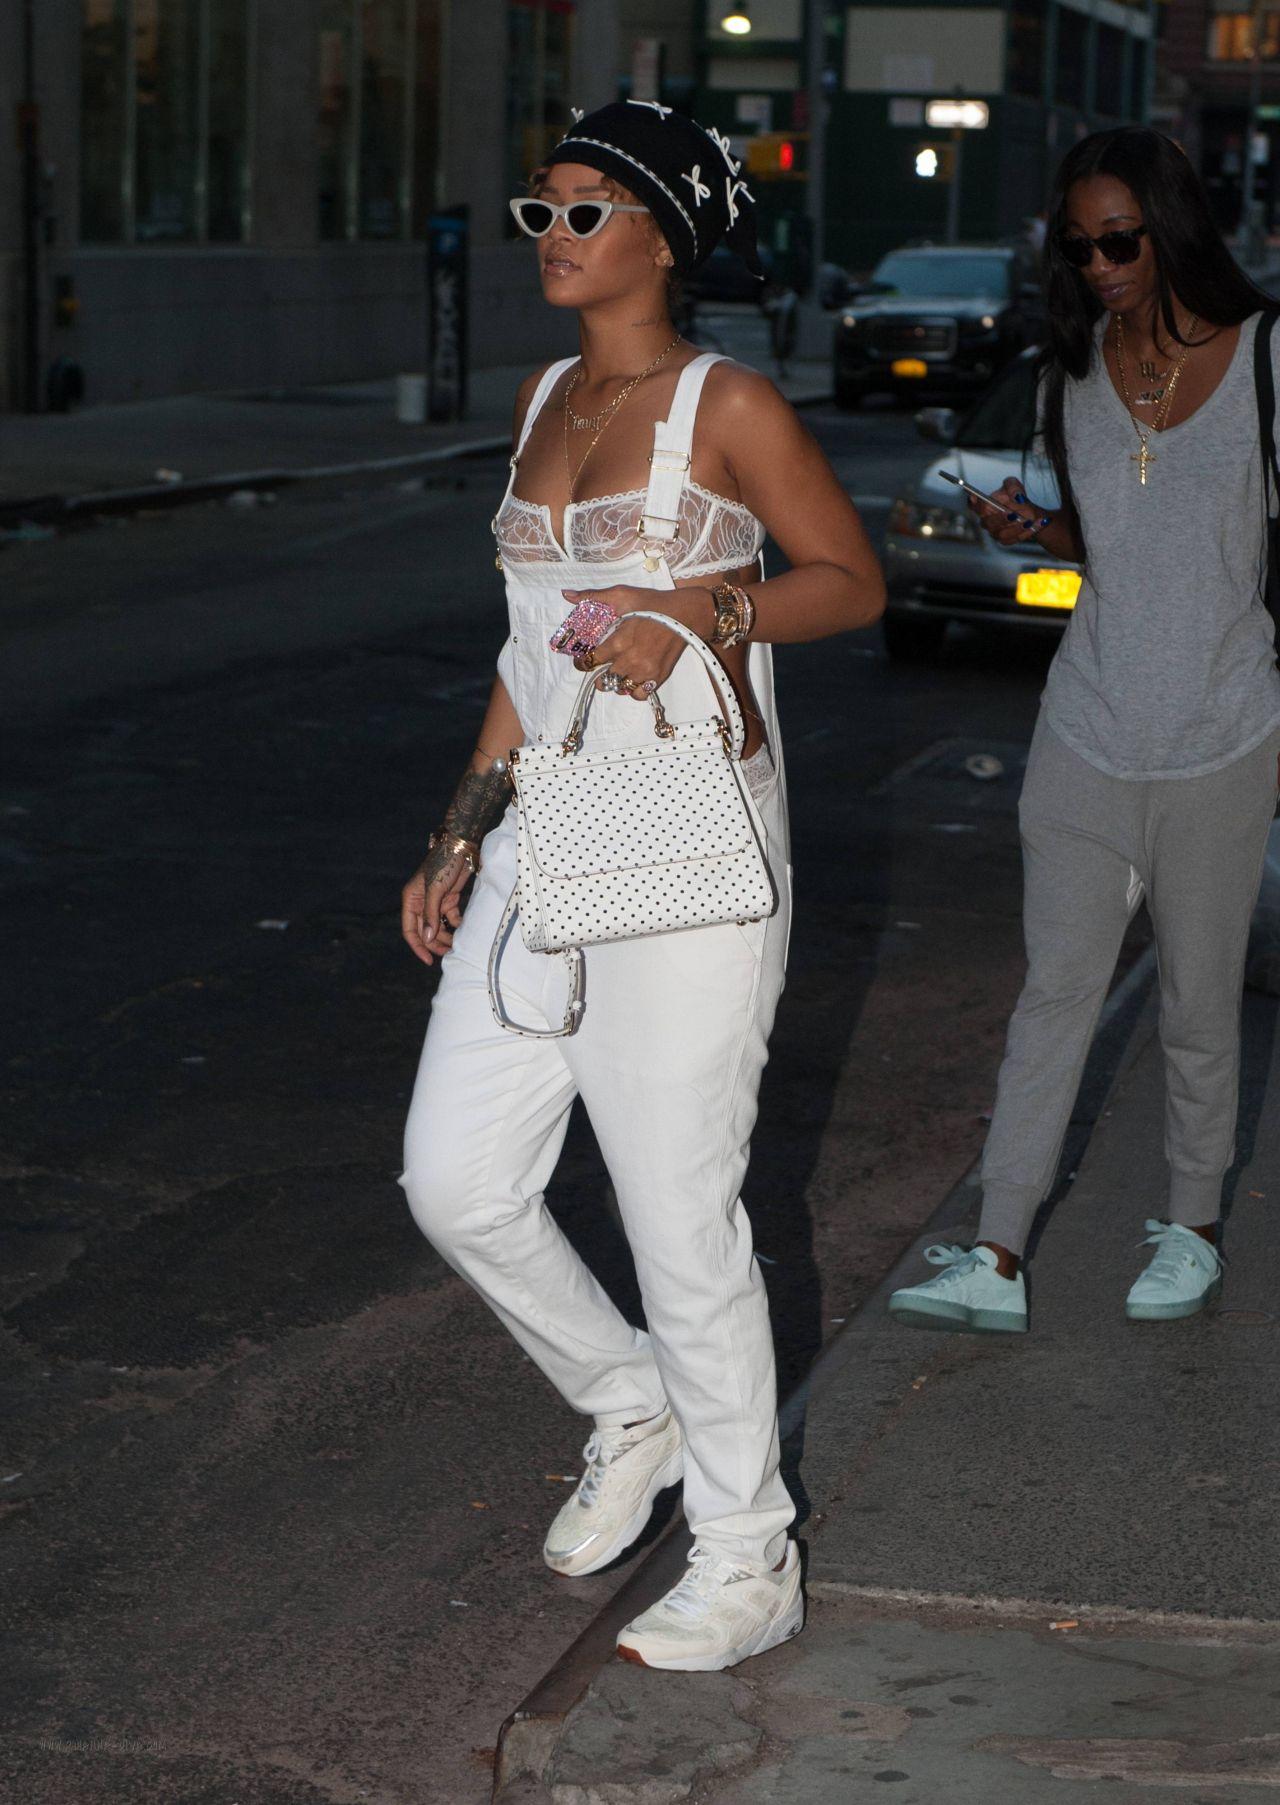 Rihanna Casual Style Nyc September 2015